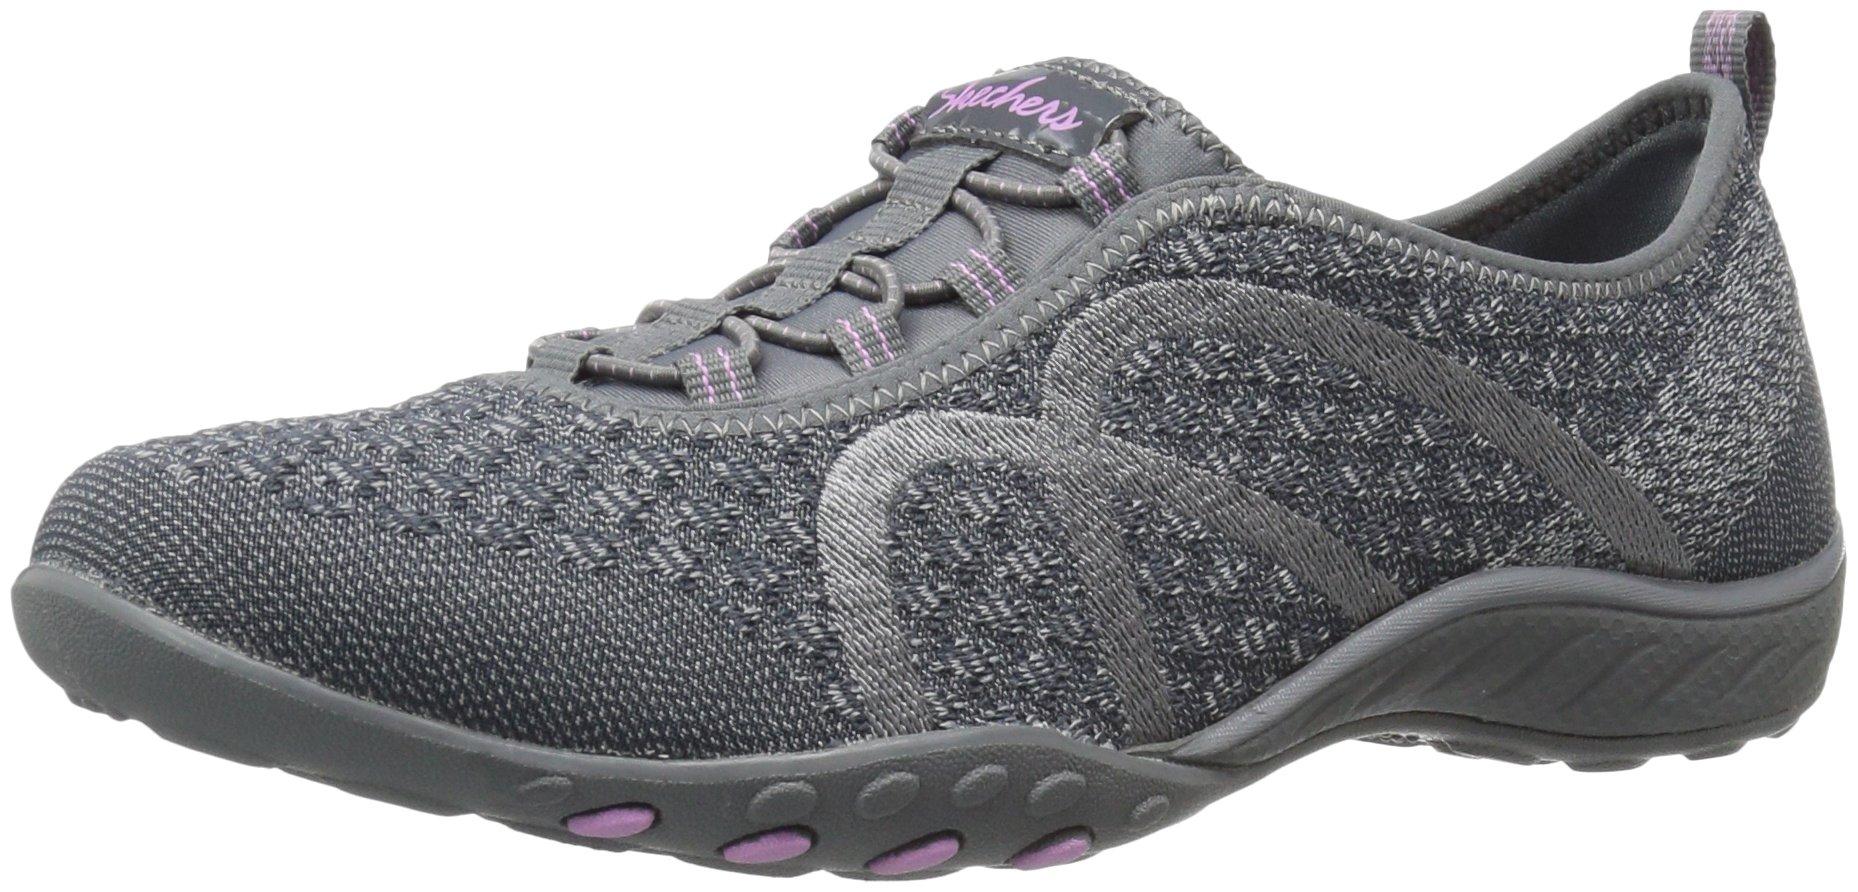 Skechers Sport Women's Breathe Easy Fortune Fashion Sneaker,Charcoal Knit,5 M US by Skechers (Image #1)